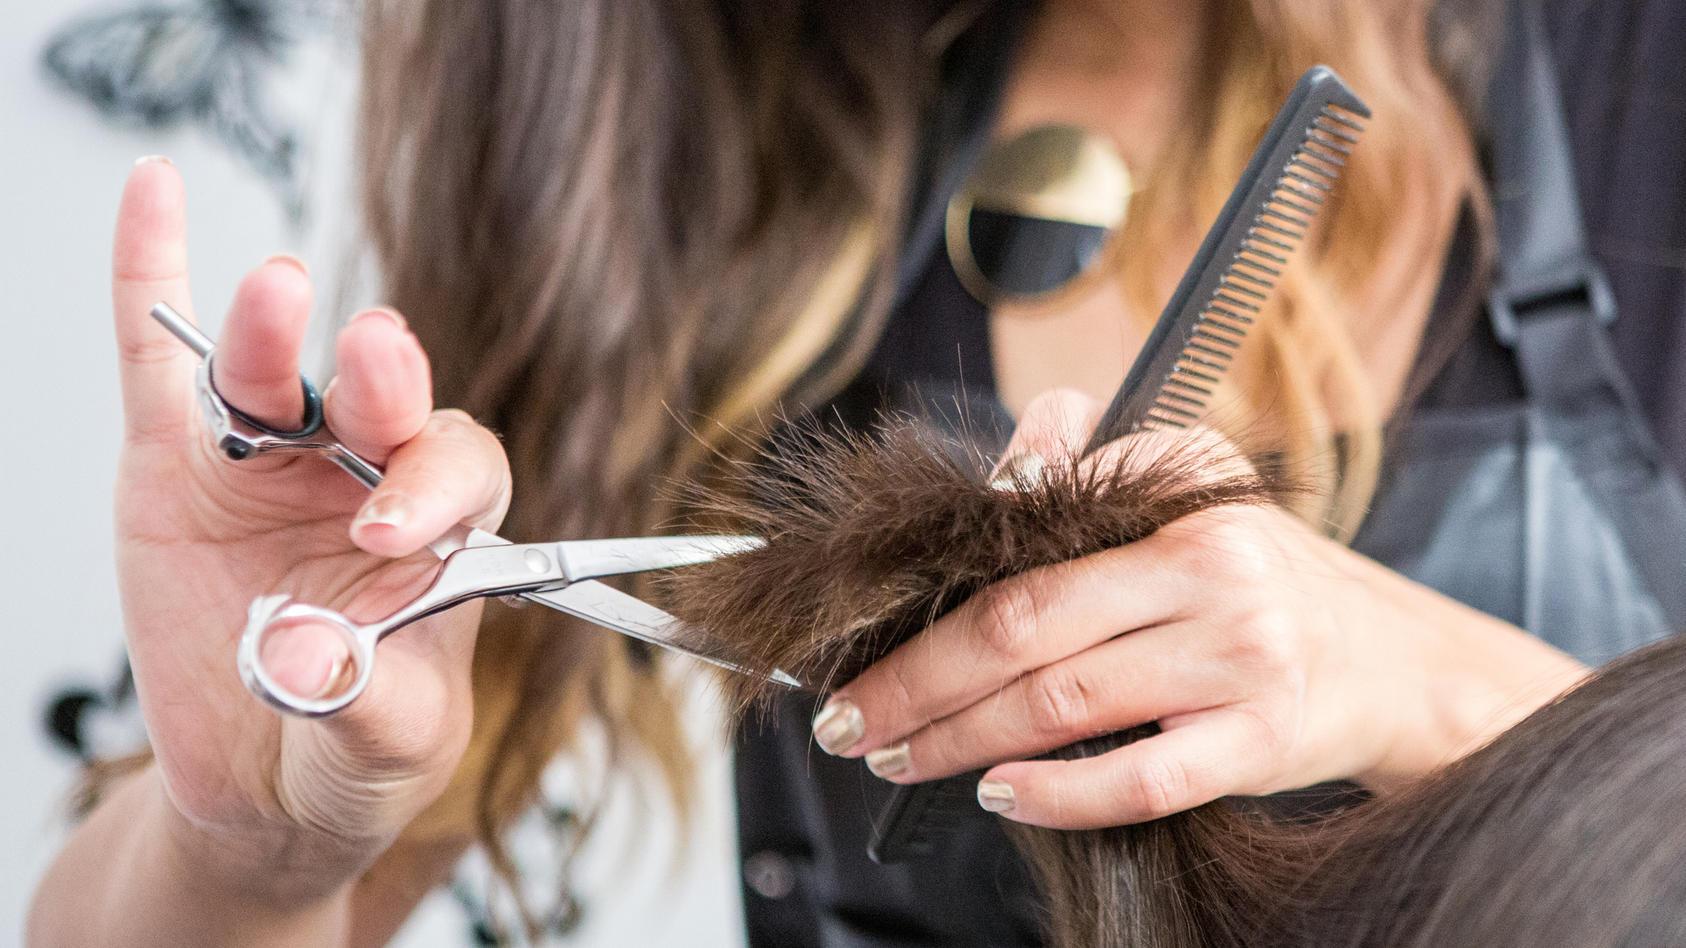 Ein Haarschnitt kann in Corona-Zeiten wegen der Hygienemaßnahmen teuer werden